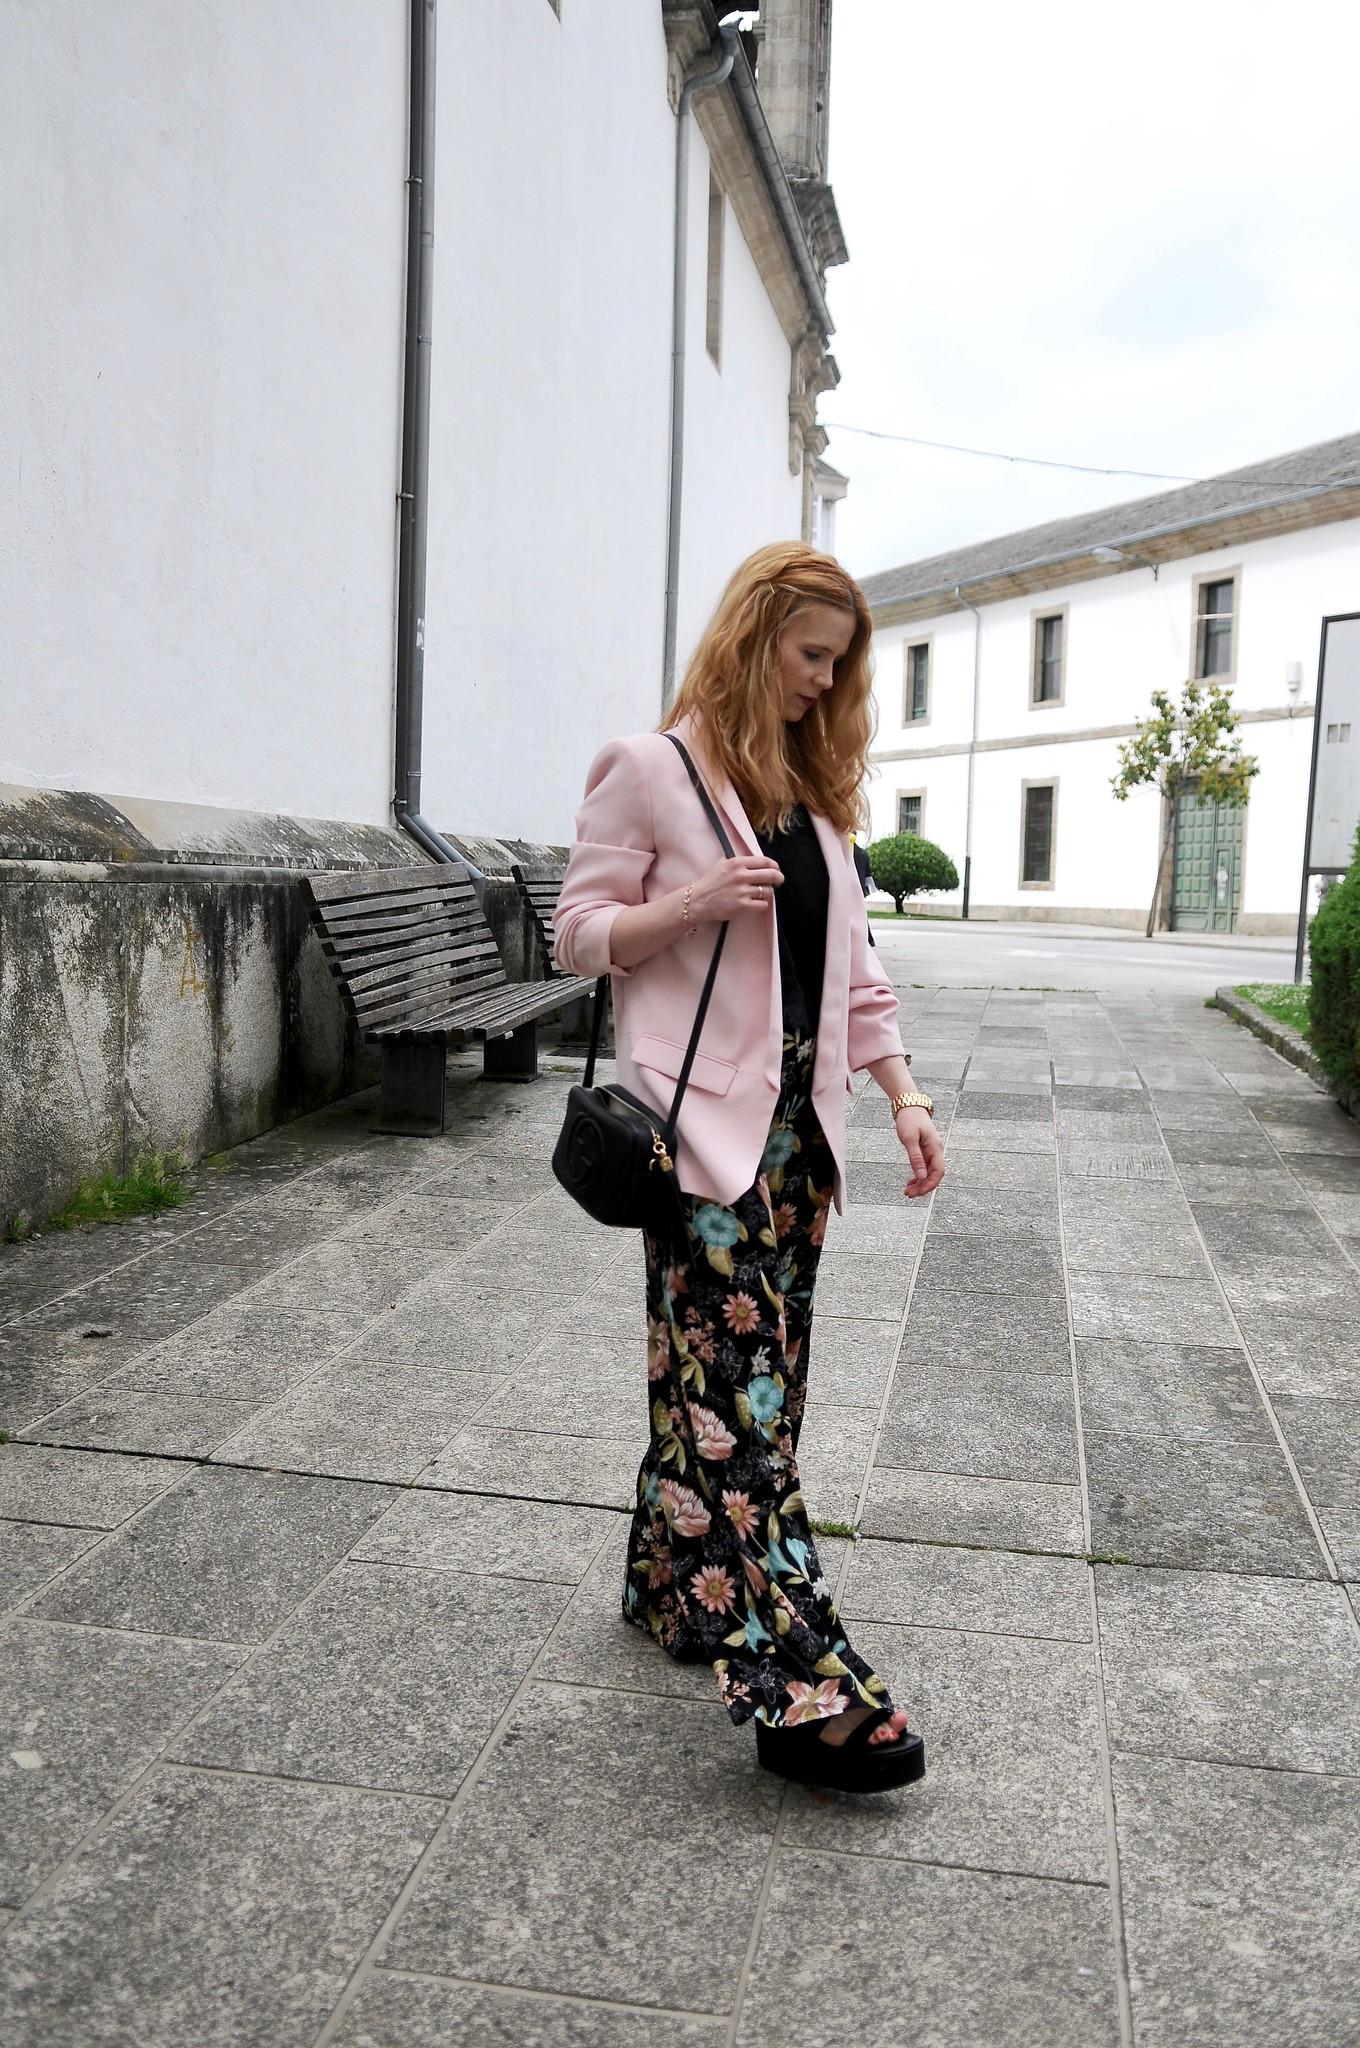 Hughes Unos De Cómo Llevar Pantalones Moda Ingrid Palazzo Blog 1JlF3TcuK5